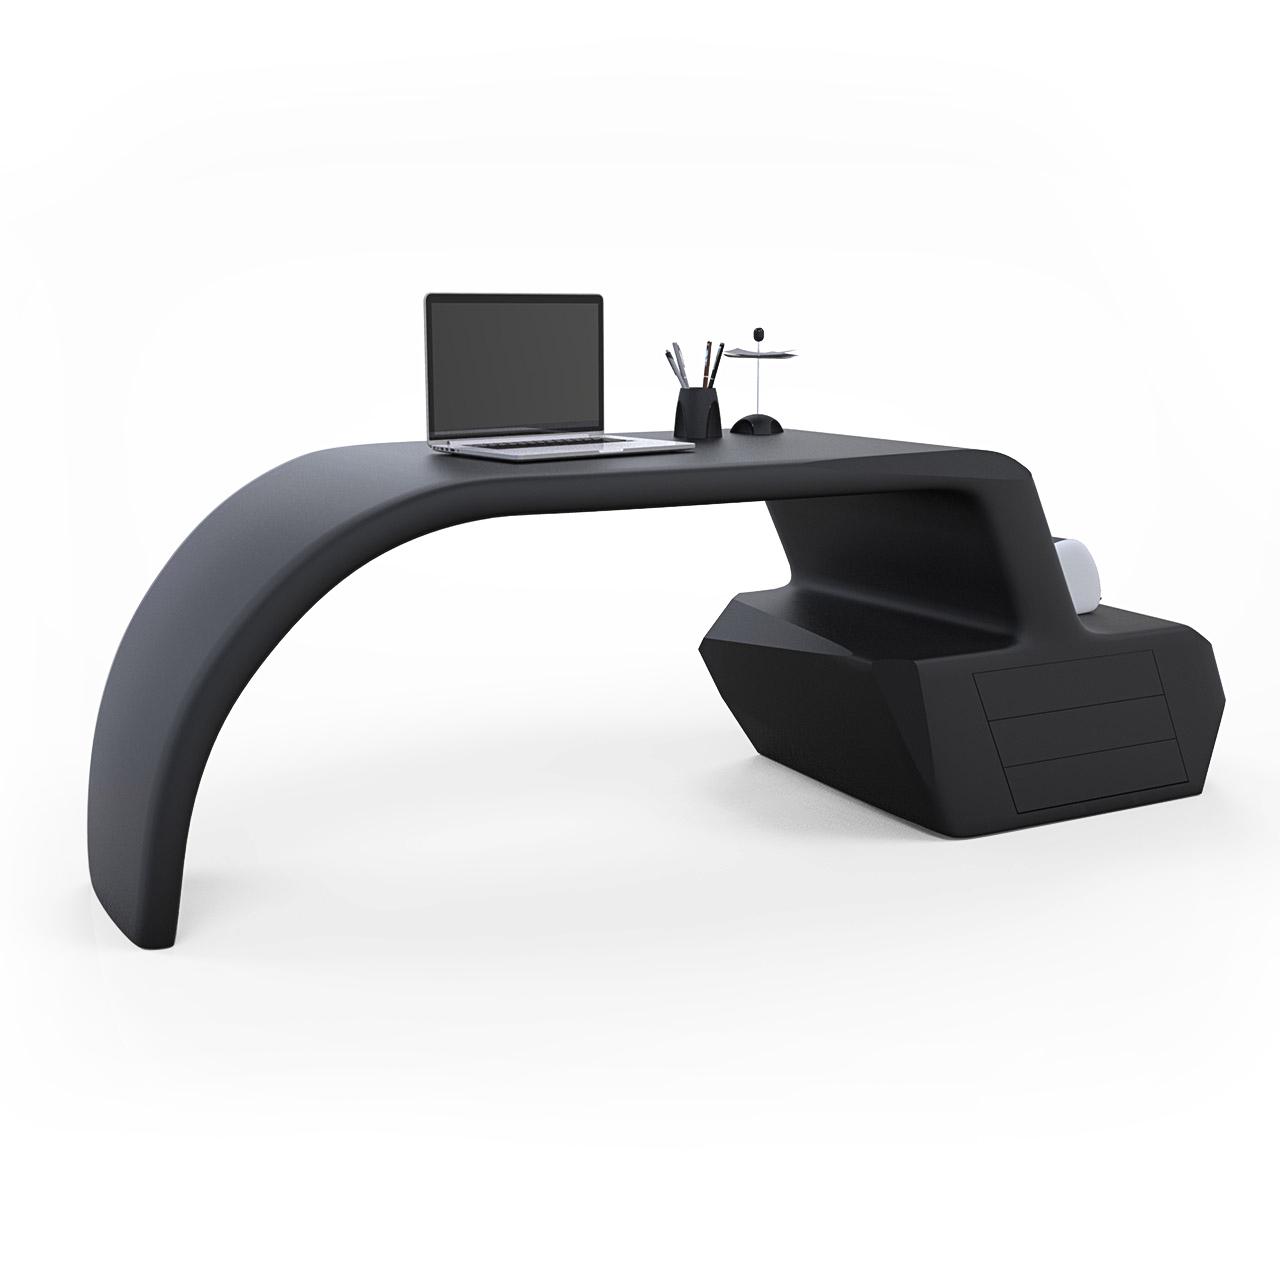 Gush tavoli e scrivanie zad zone of absolute design for Tavoli e scrivanie